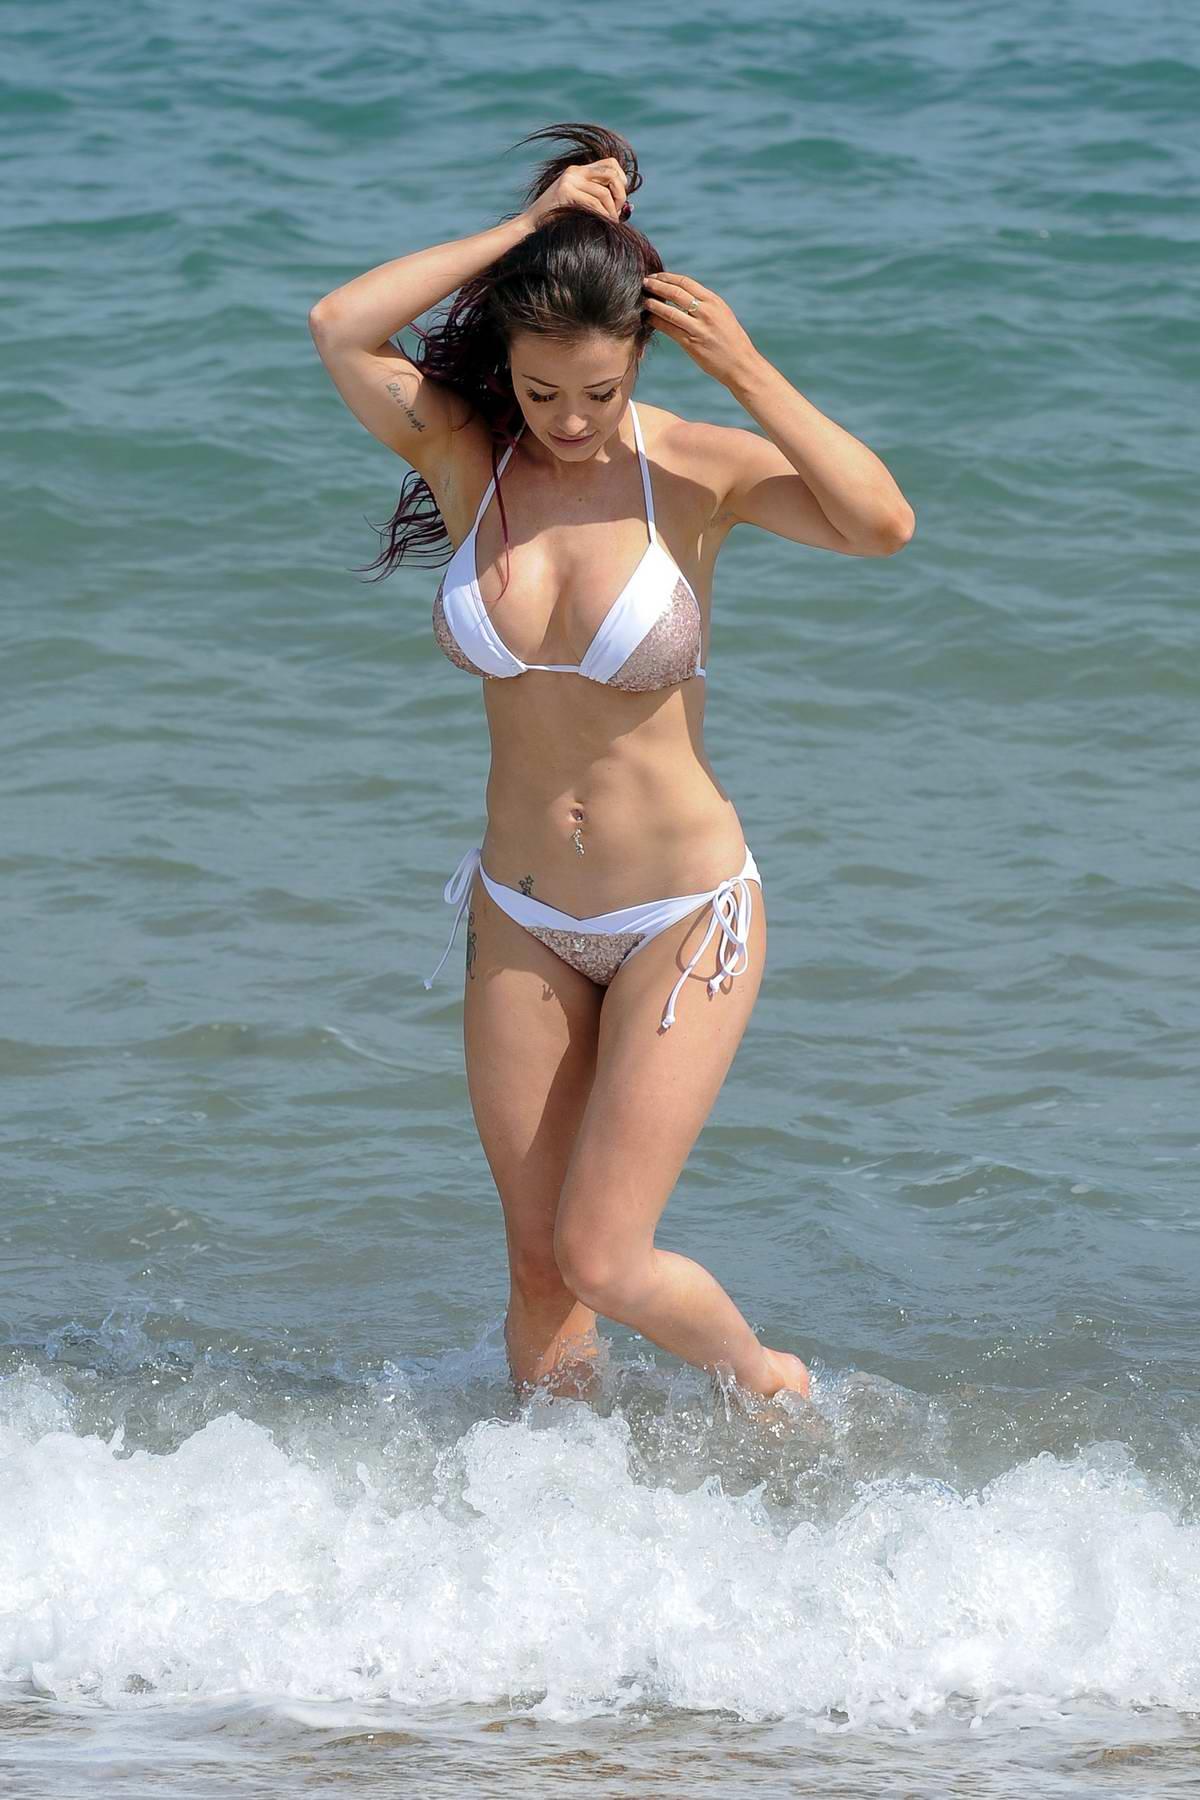 Amy Acker Bikini jess impiazzi wears a bikini as she enjoys some leisure time